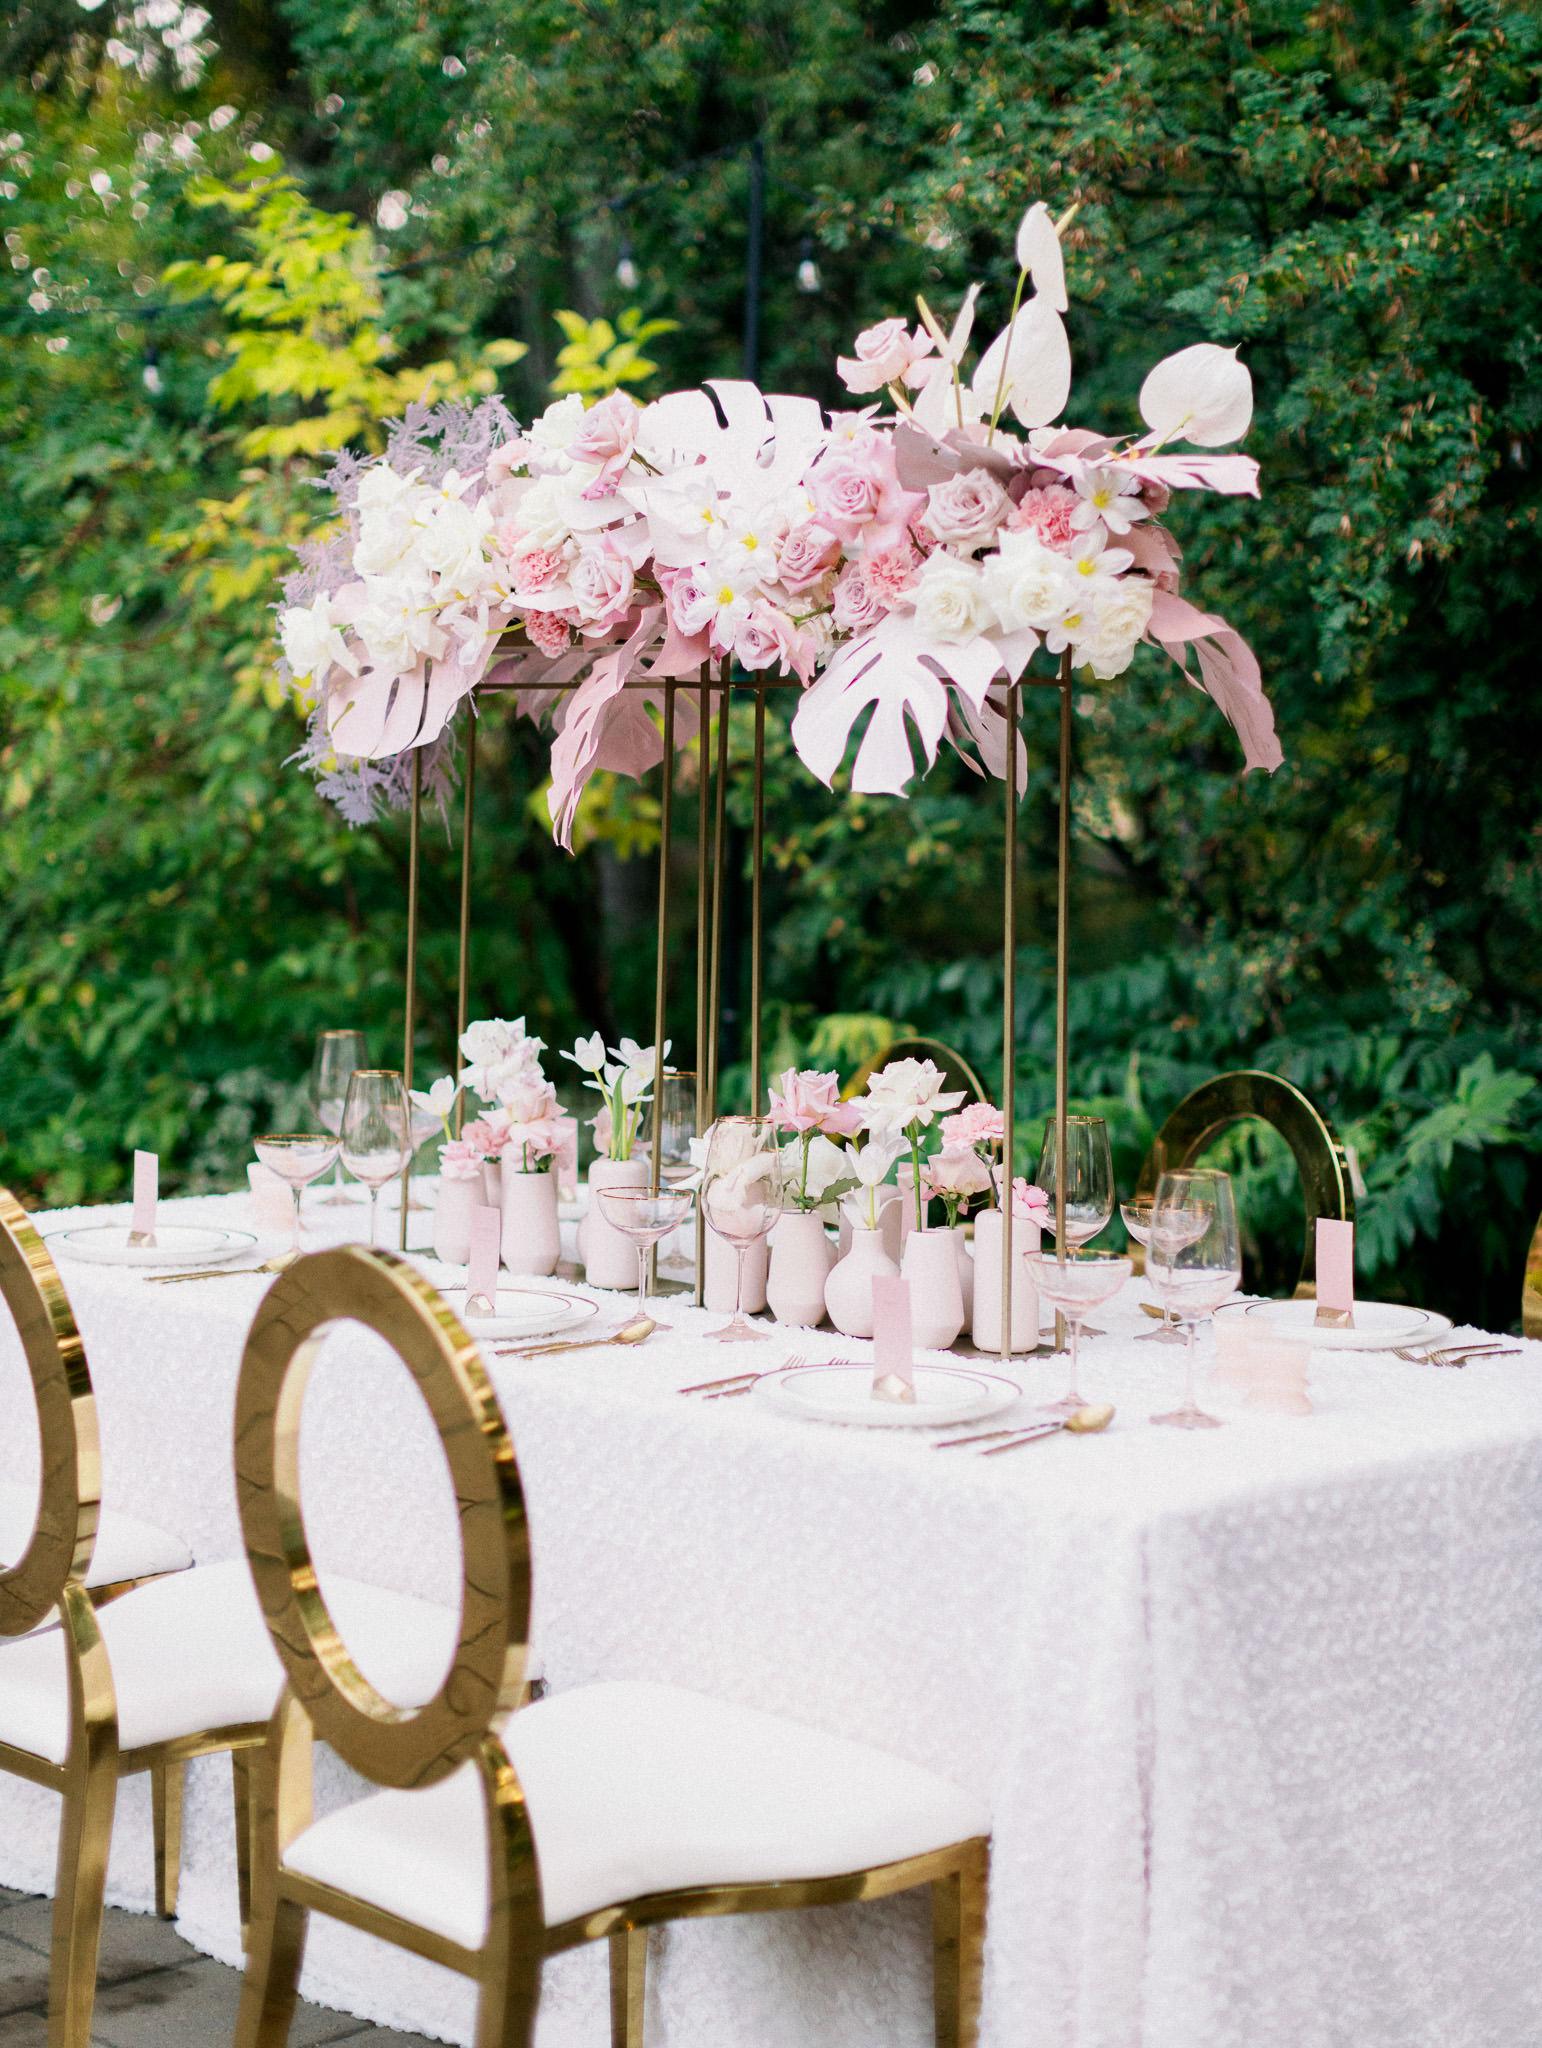 blush table setup at Bronte Bride's True-to-Hue Workshop